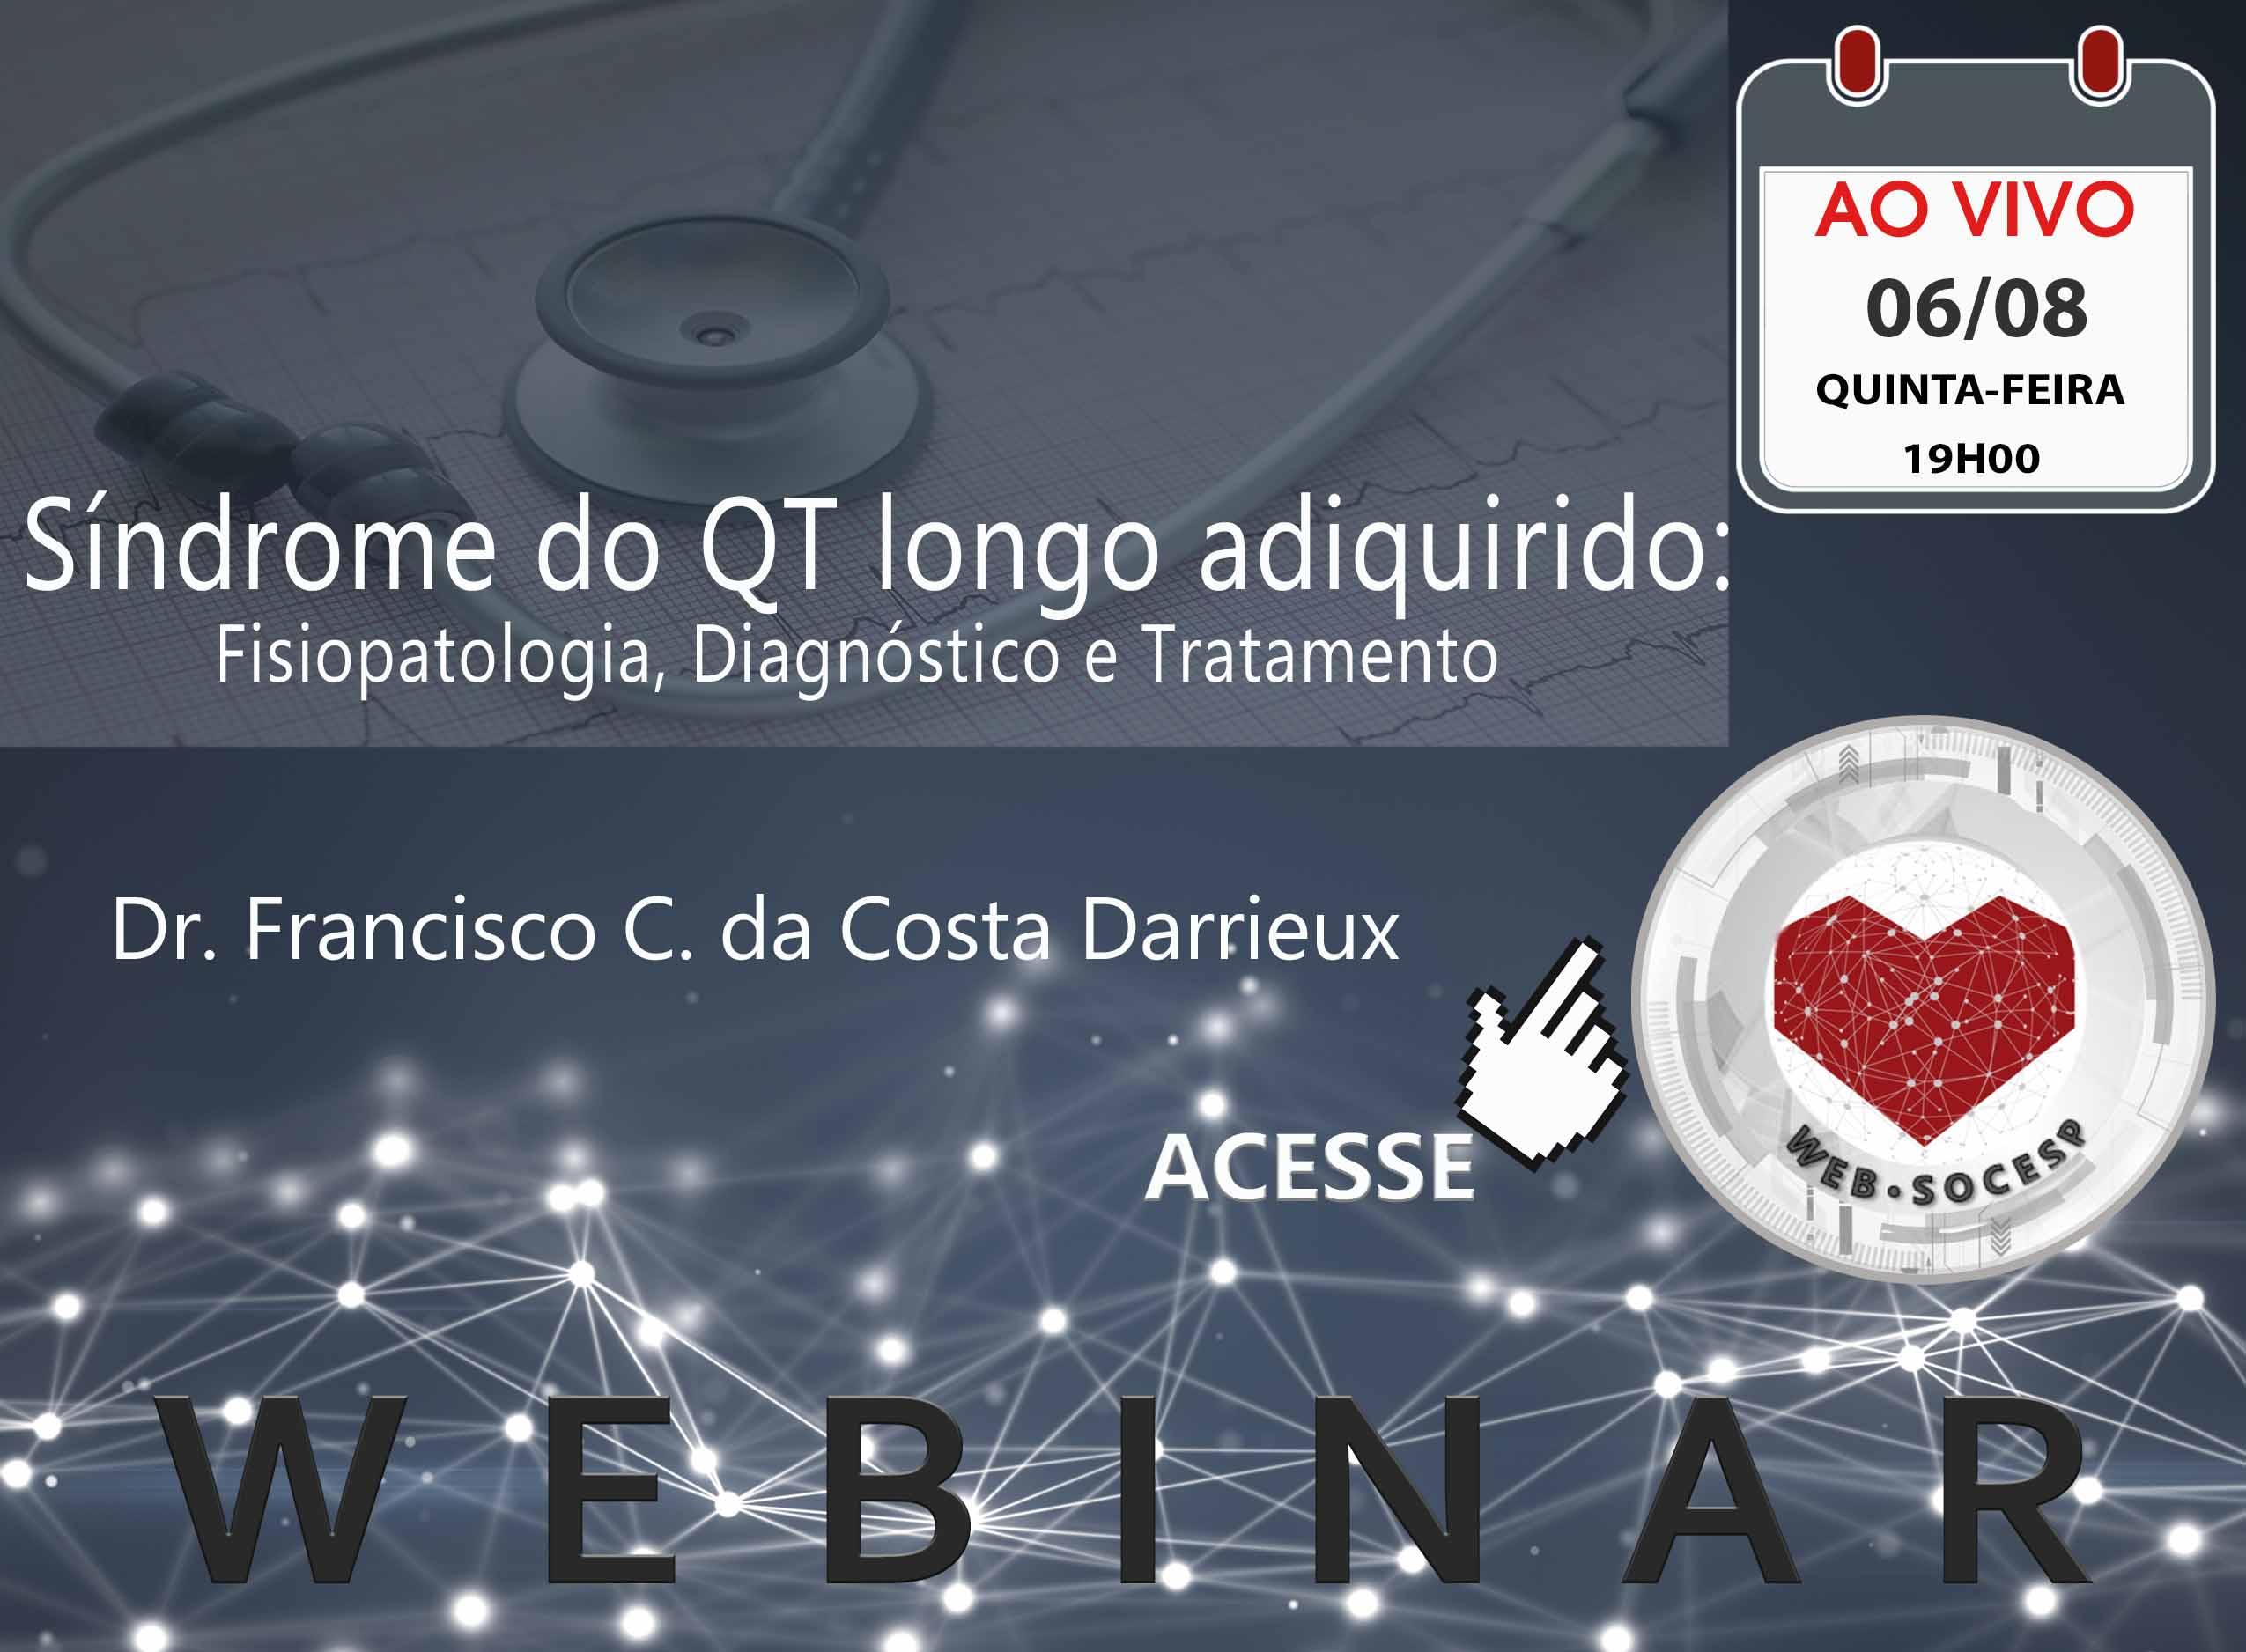 Imagem São José do Rio Preto - Síndrome do QT longo adquirido: fisiopatologia, diagnóstico e tratamento - Dr Francisco Carlos da Costa Darrieux